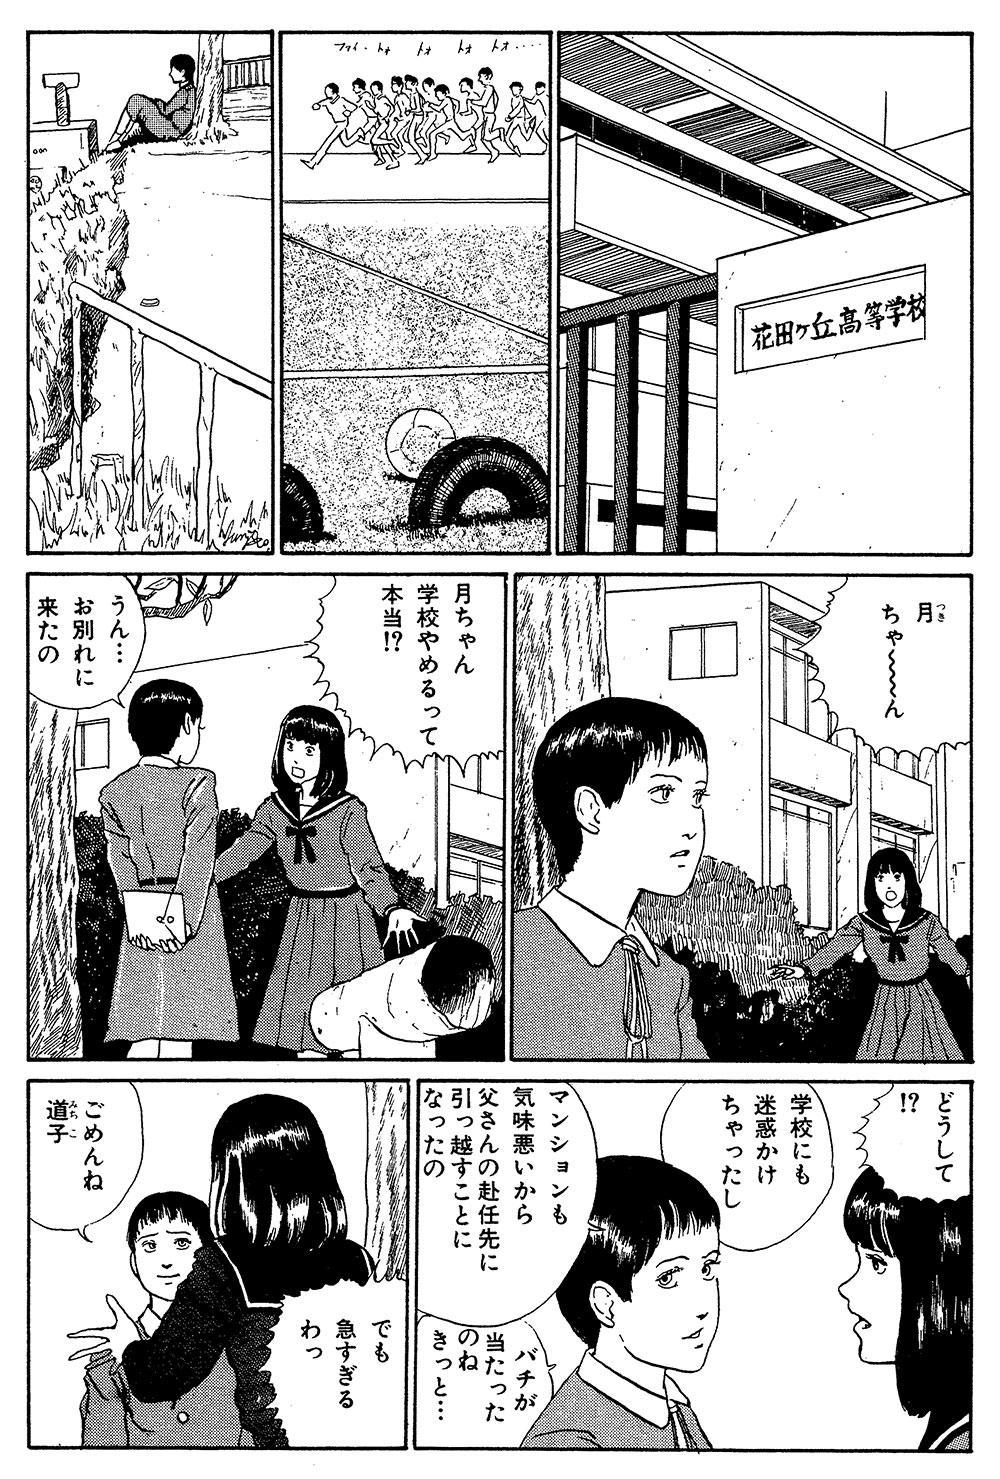 伊藤潤二傑作集 第5話「富江 接吻」⑤junji19-05.jpg